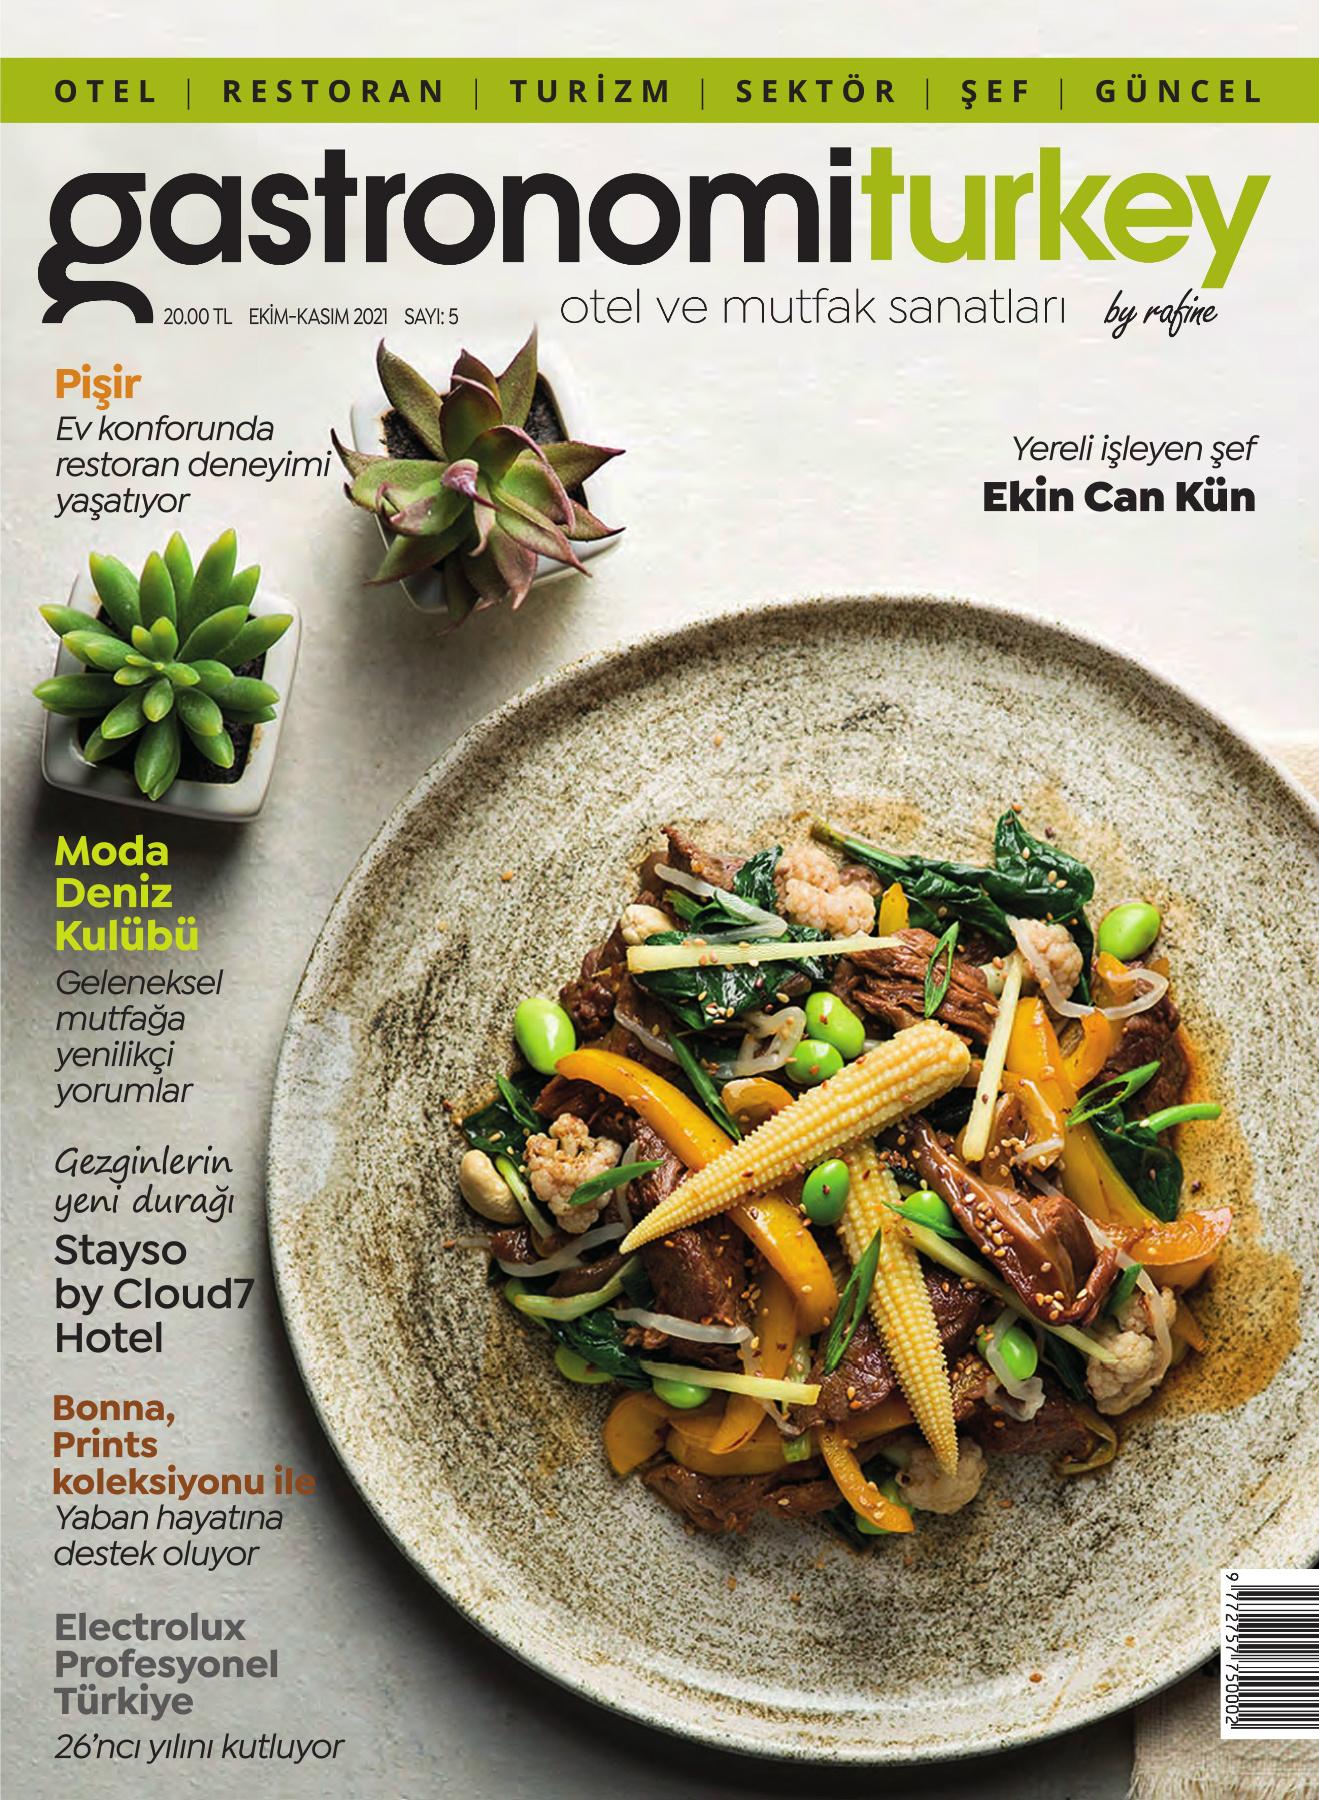 Gastronomi Turkey by Rafine Dergisi